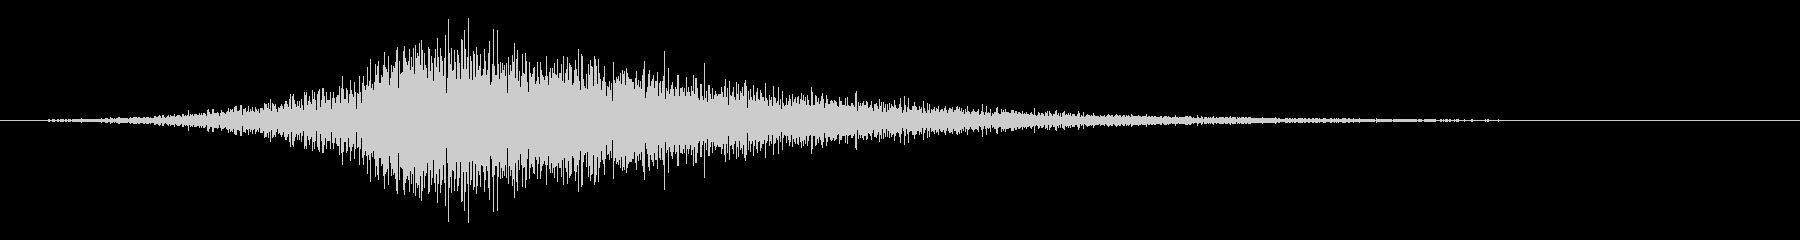 ヒューシューエフェクトスローの未再生の波形